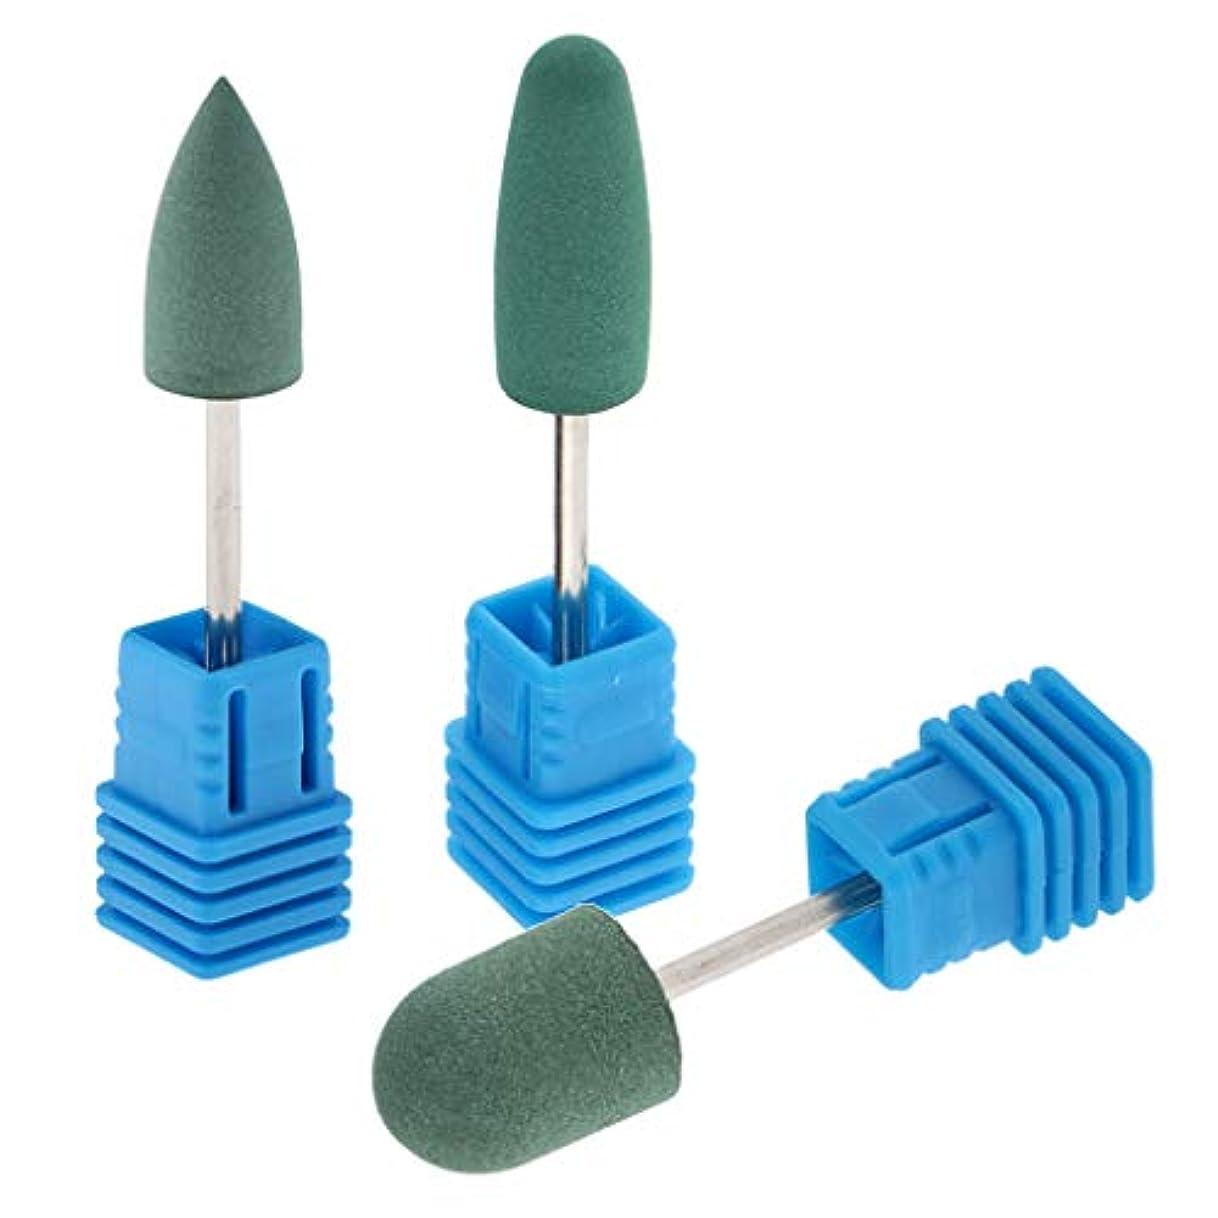 バンド性交親愛なToygogo 3つの形の耐久力のあるシリコーンの釘の穴あけ工具の電気磨く粉砕のバフ研磨の頭部のマニキュアの緩衝